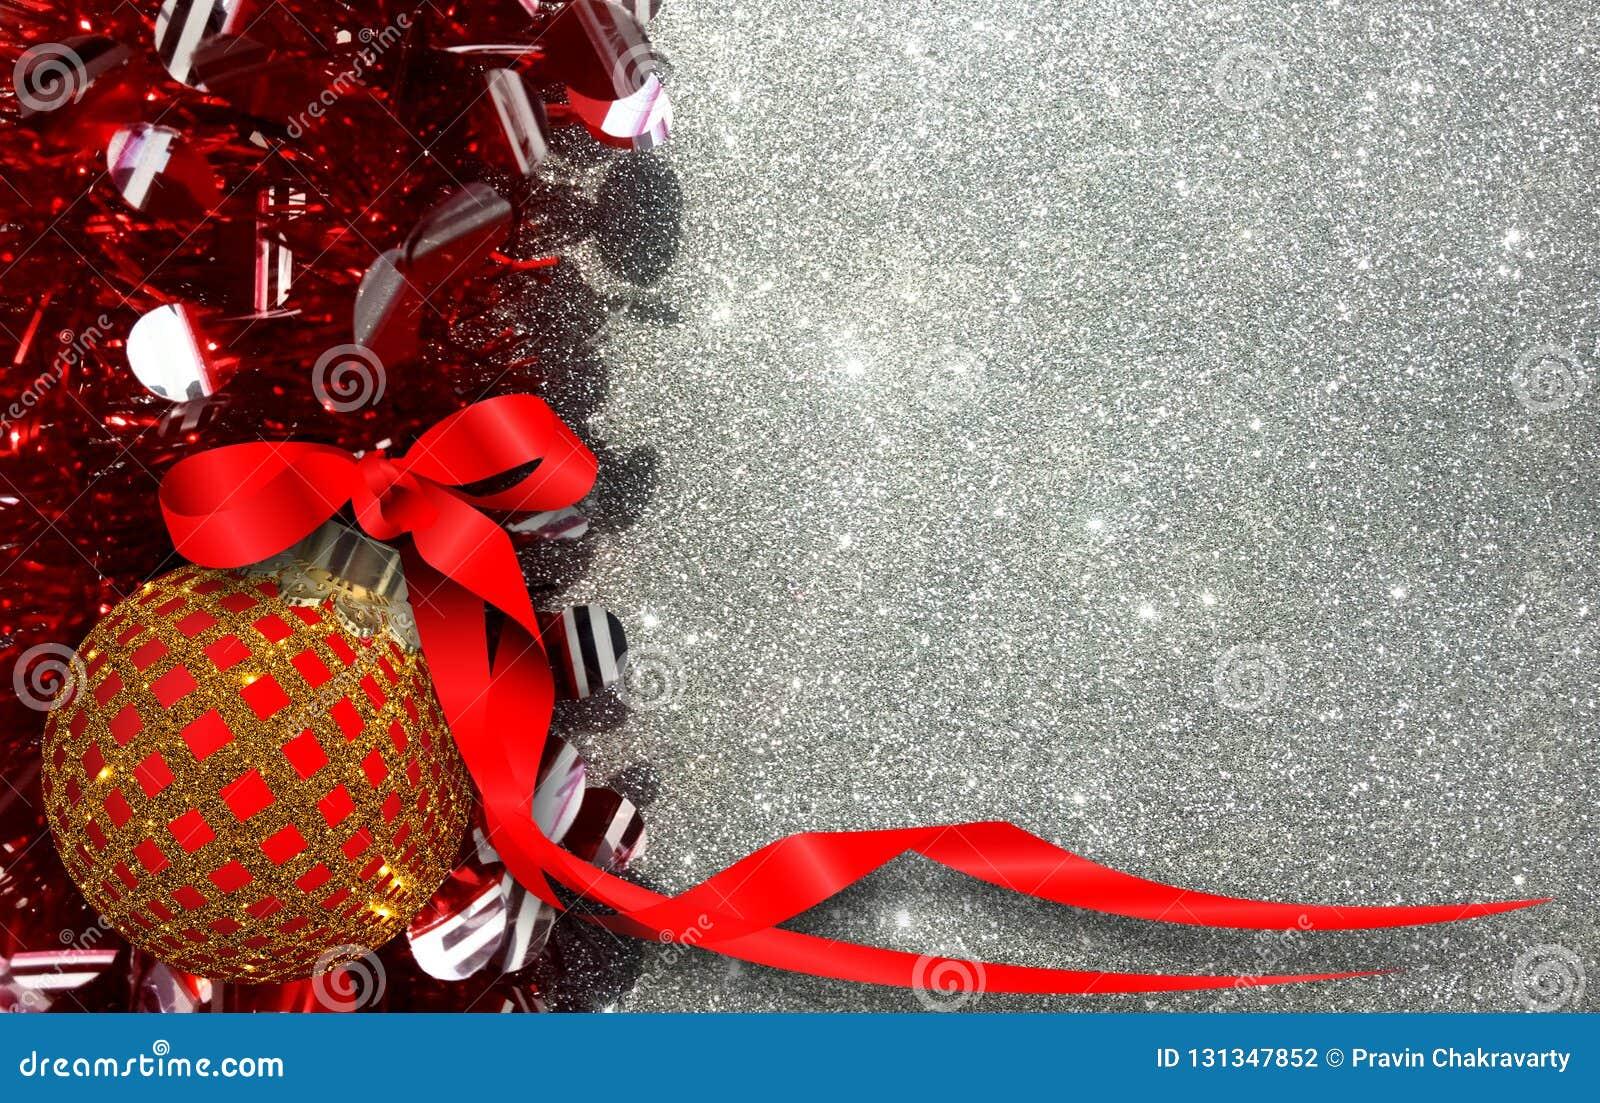 Weihnachtshintergrund mit roter und gelber Verzierung auf einem silbernen Funkelnhintergrund